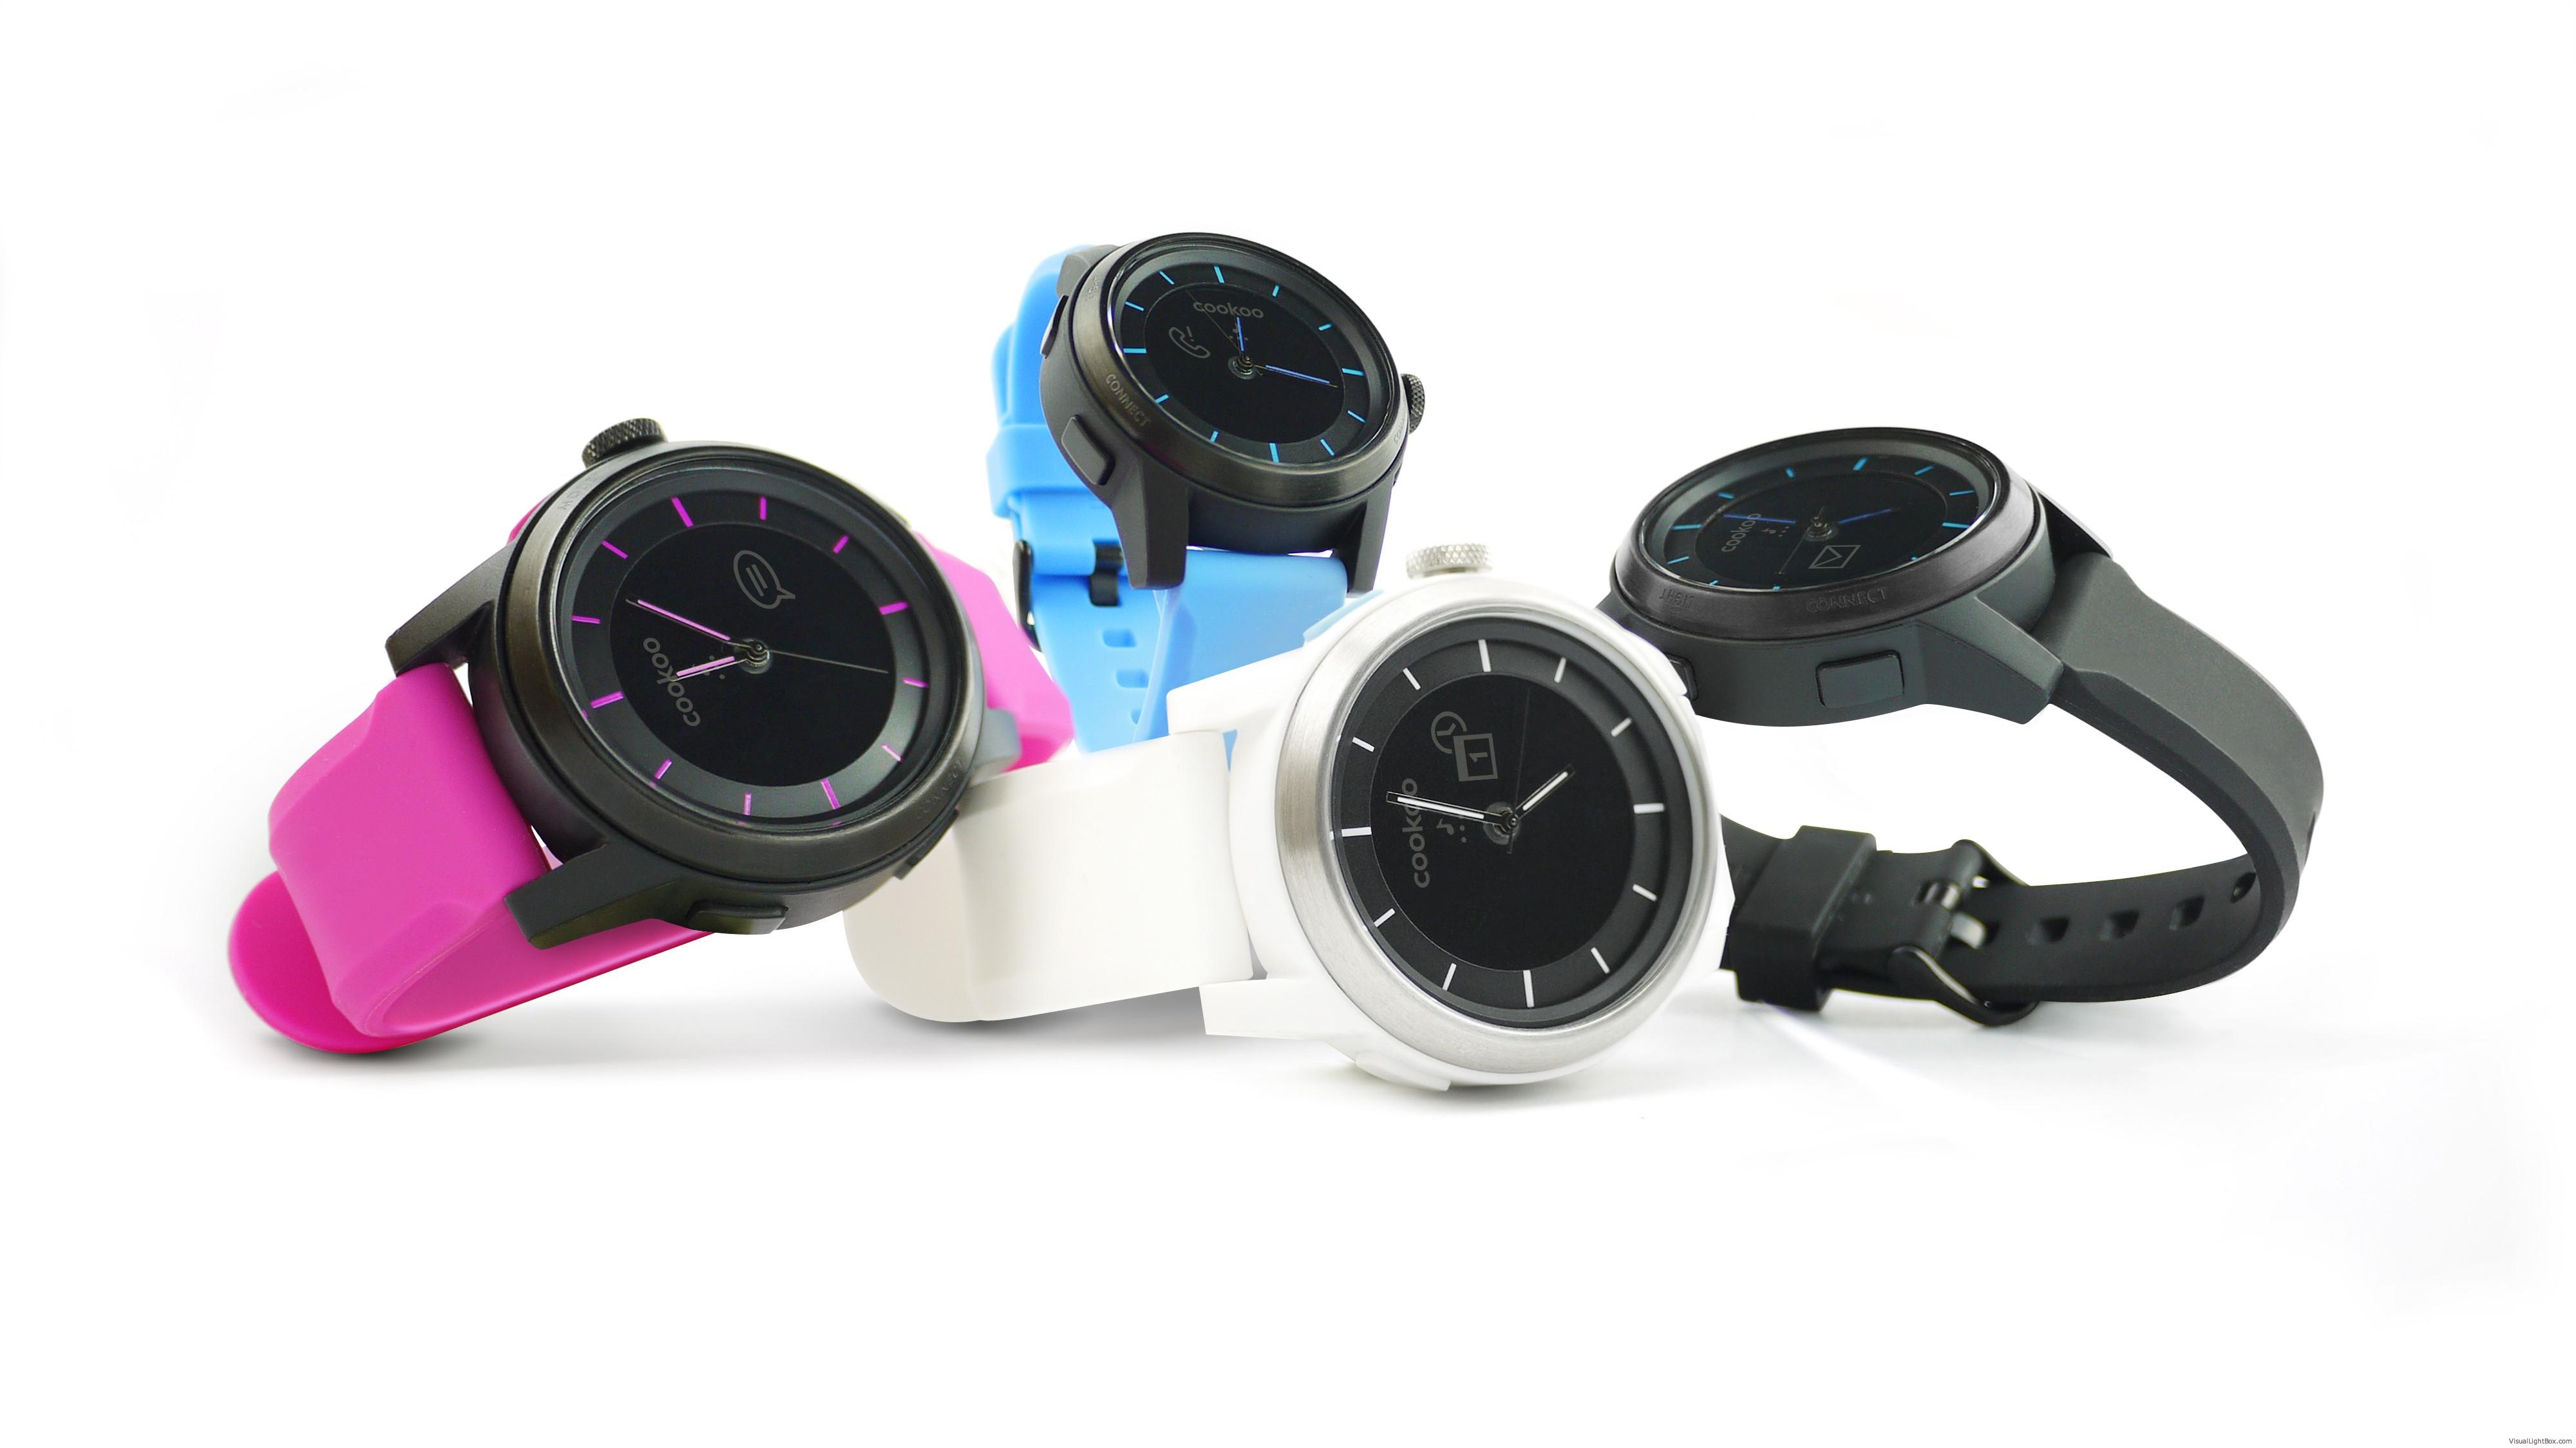 Обзор умных часов COOKOO Watch. Как соединили классику и современность.